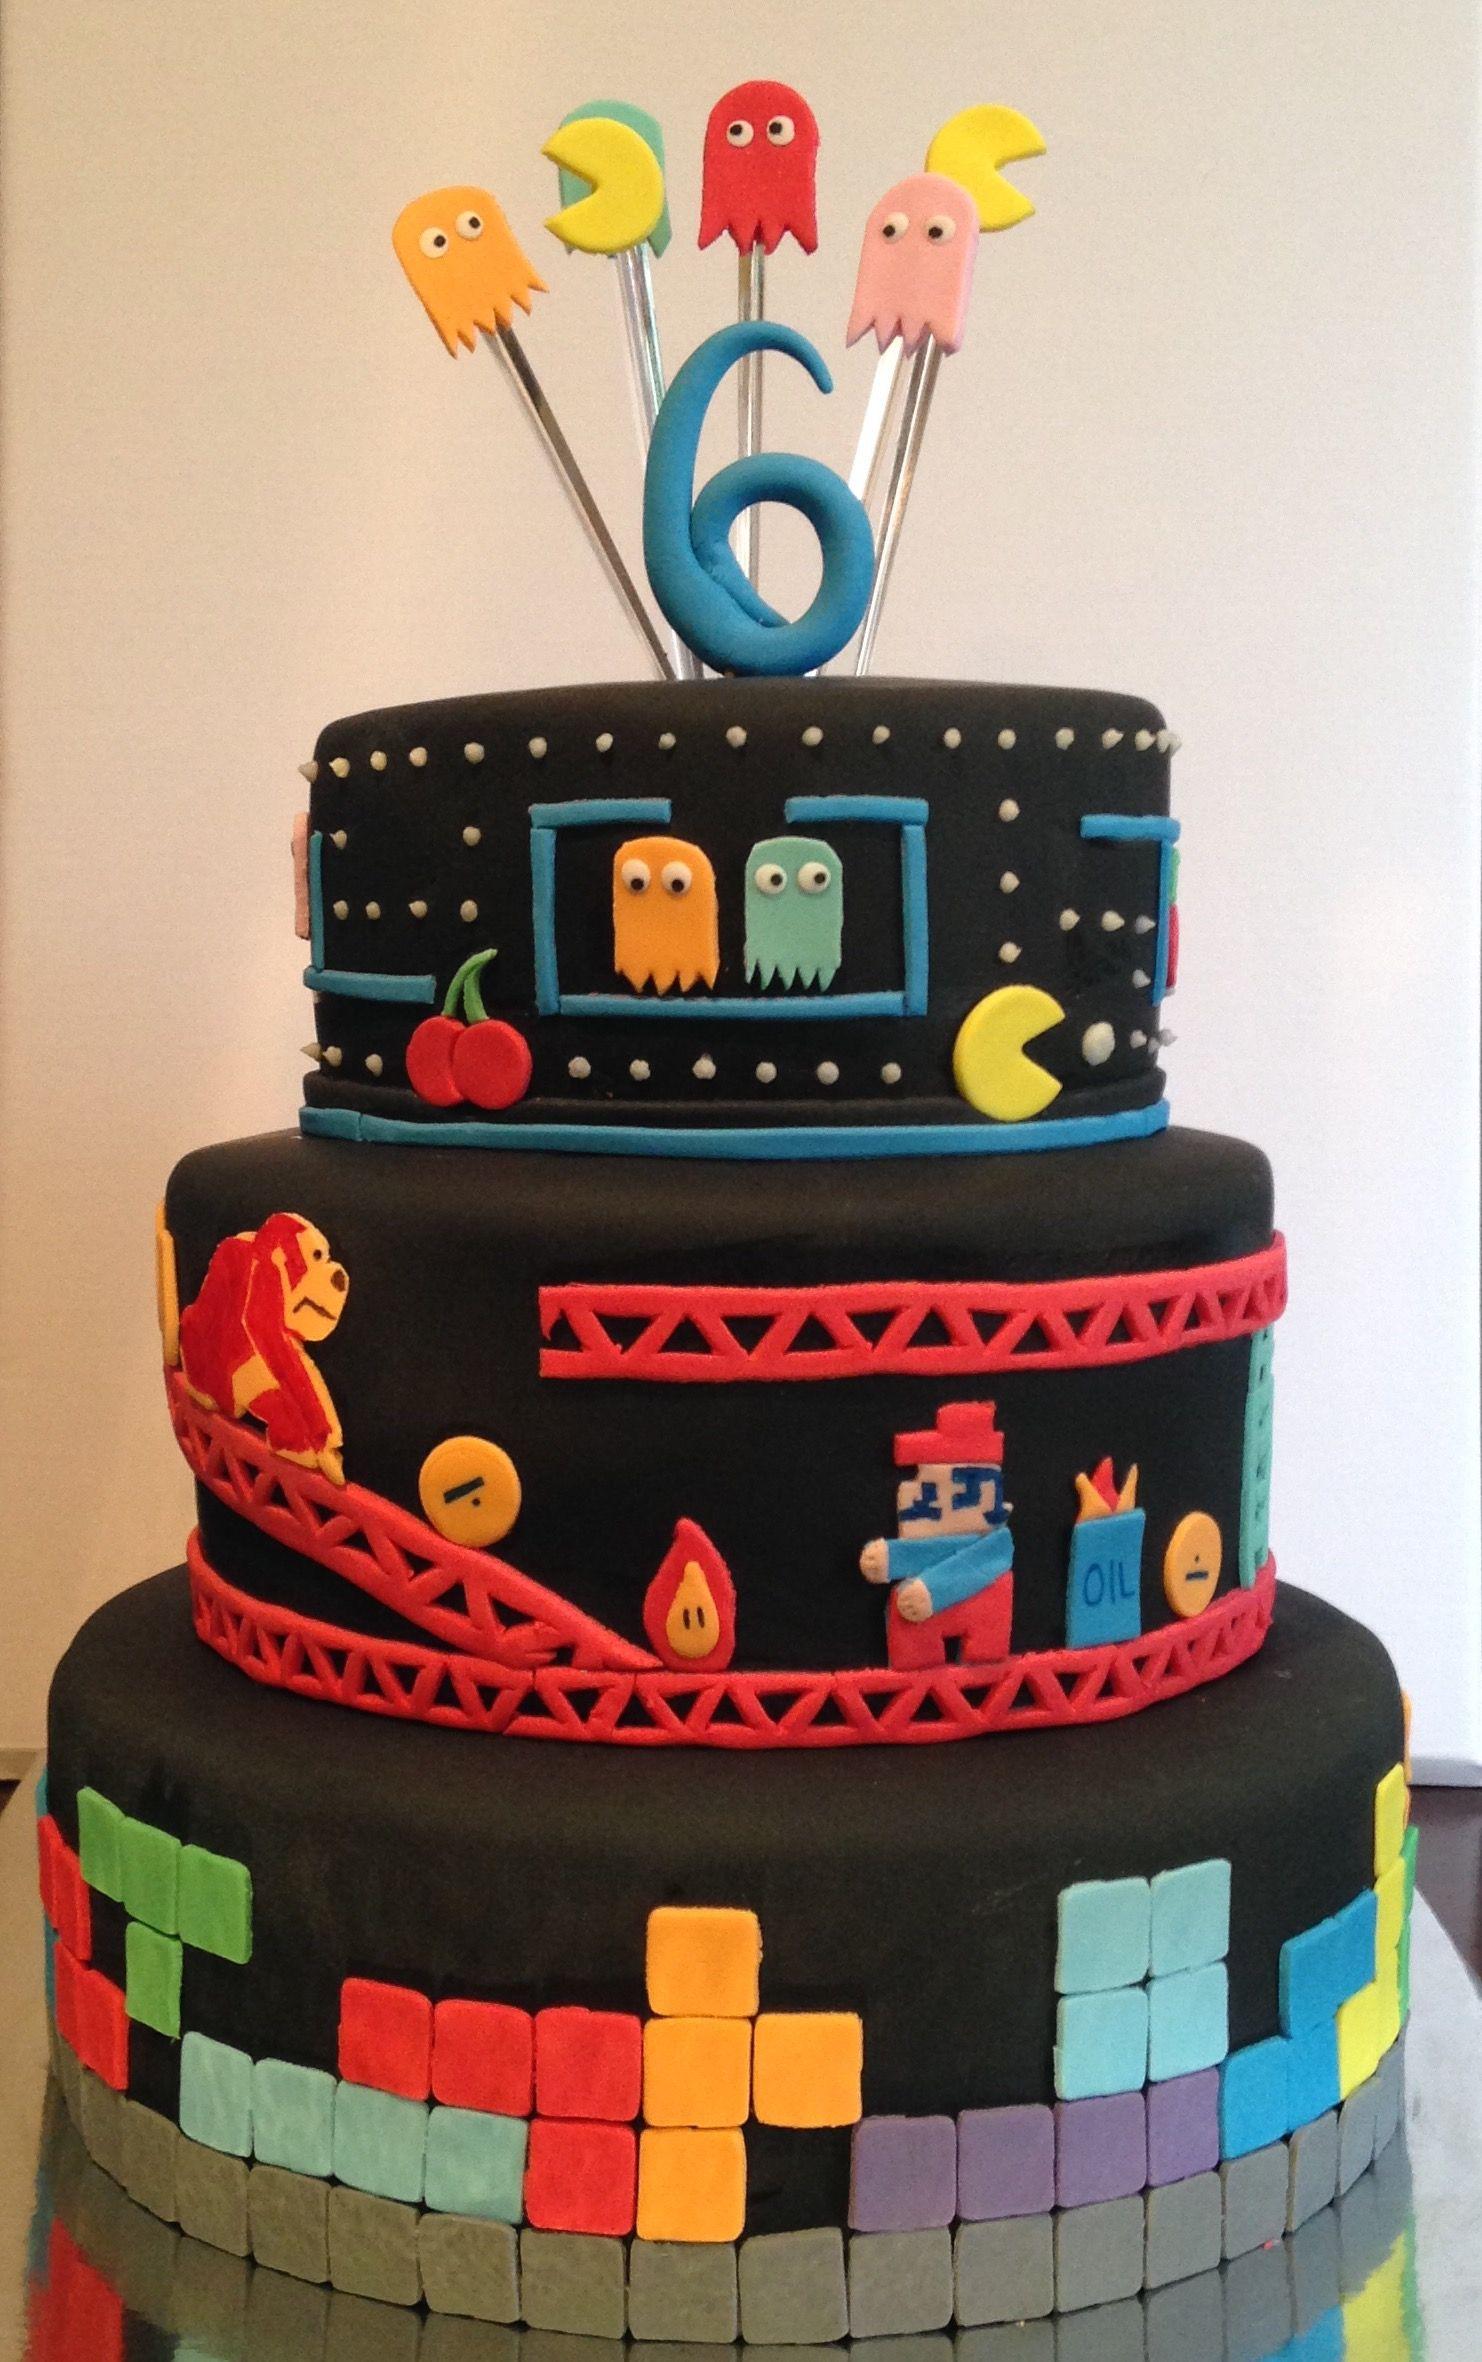 Gaming Cake Nintendo Mario Donkey Kong Tetris